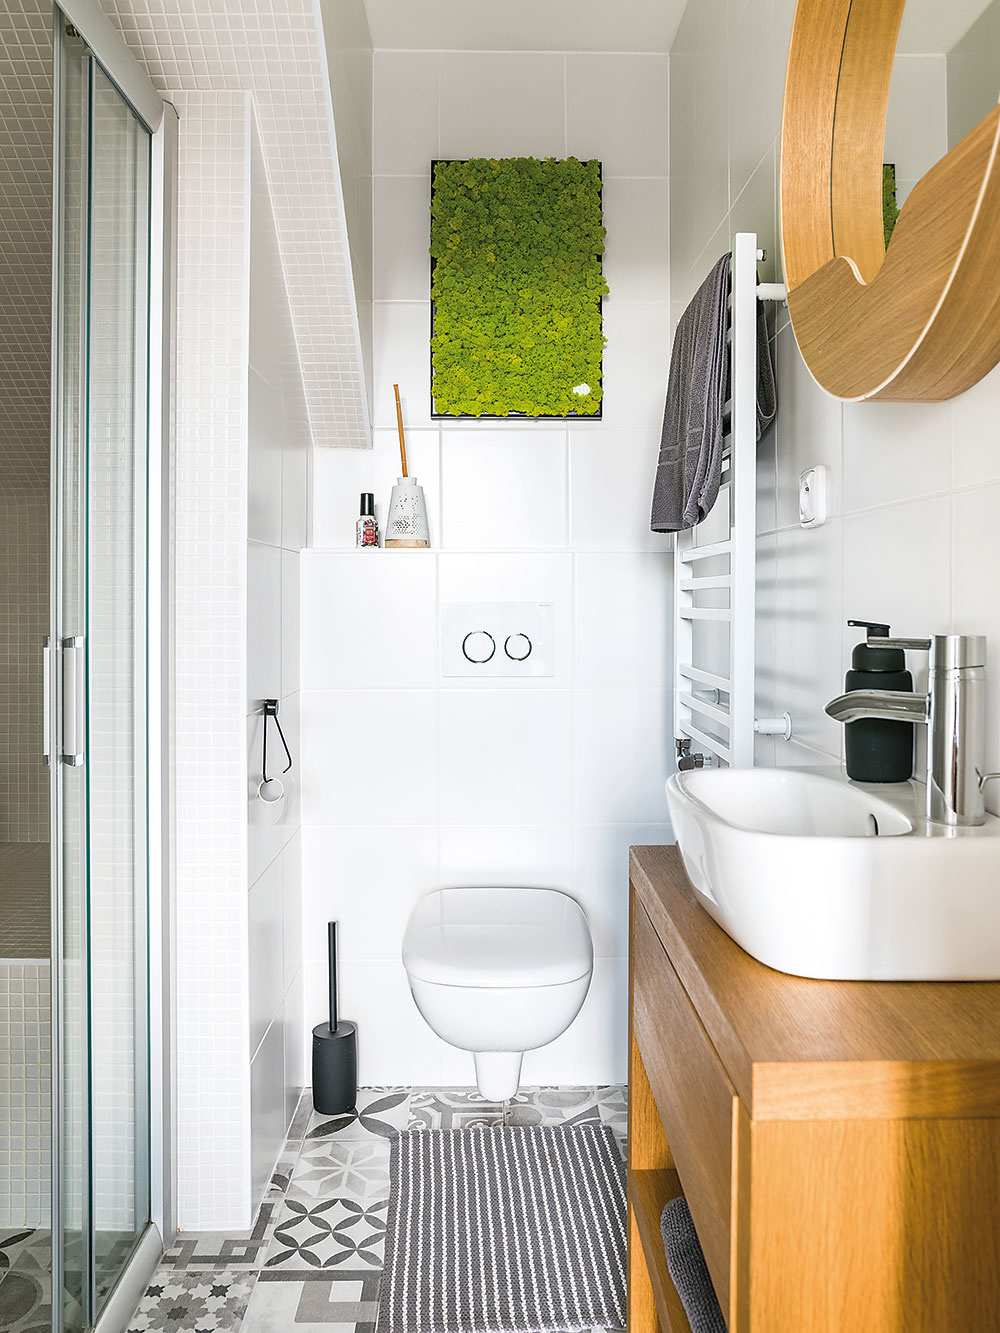 V kúpeľni na prízemí slúžiacej majiteľovi vznikol priestranný sprchový kút. Stenu príjemne dotvára machová dekorácia.